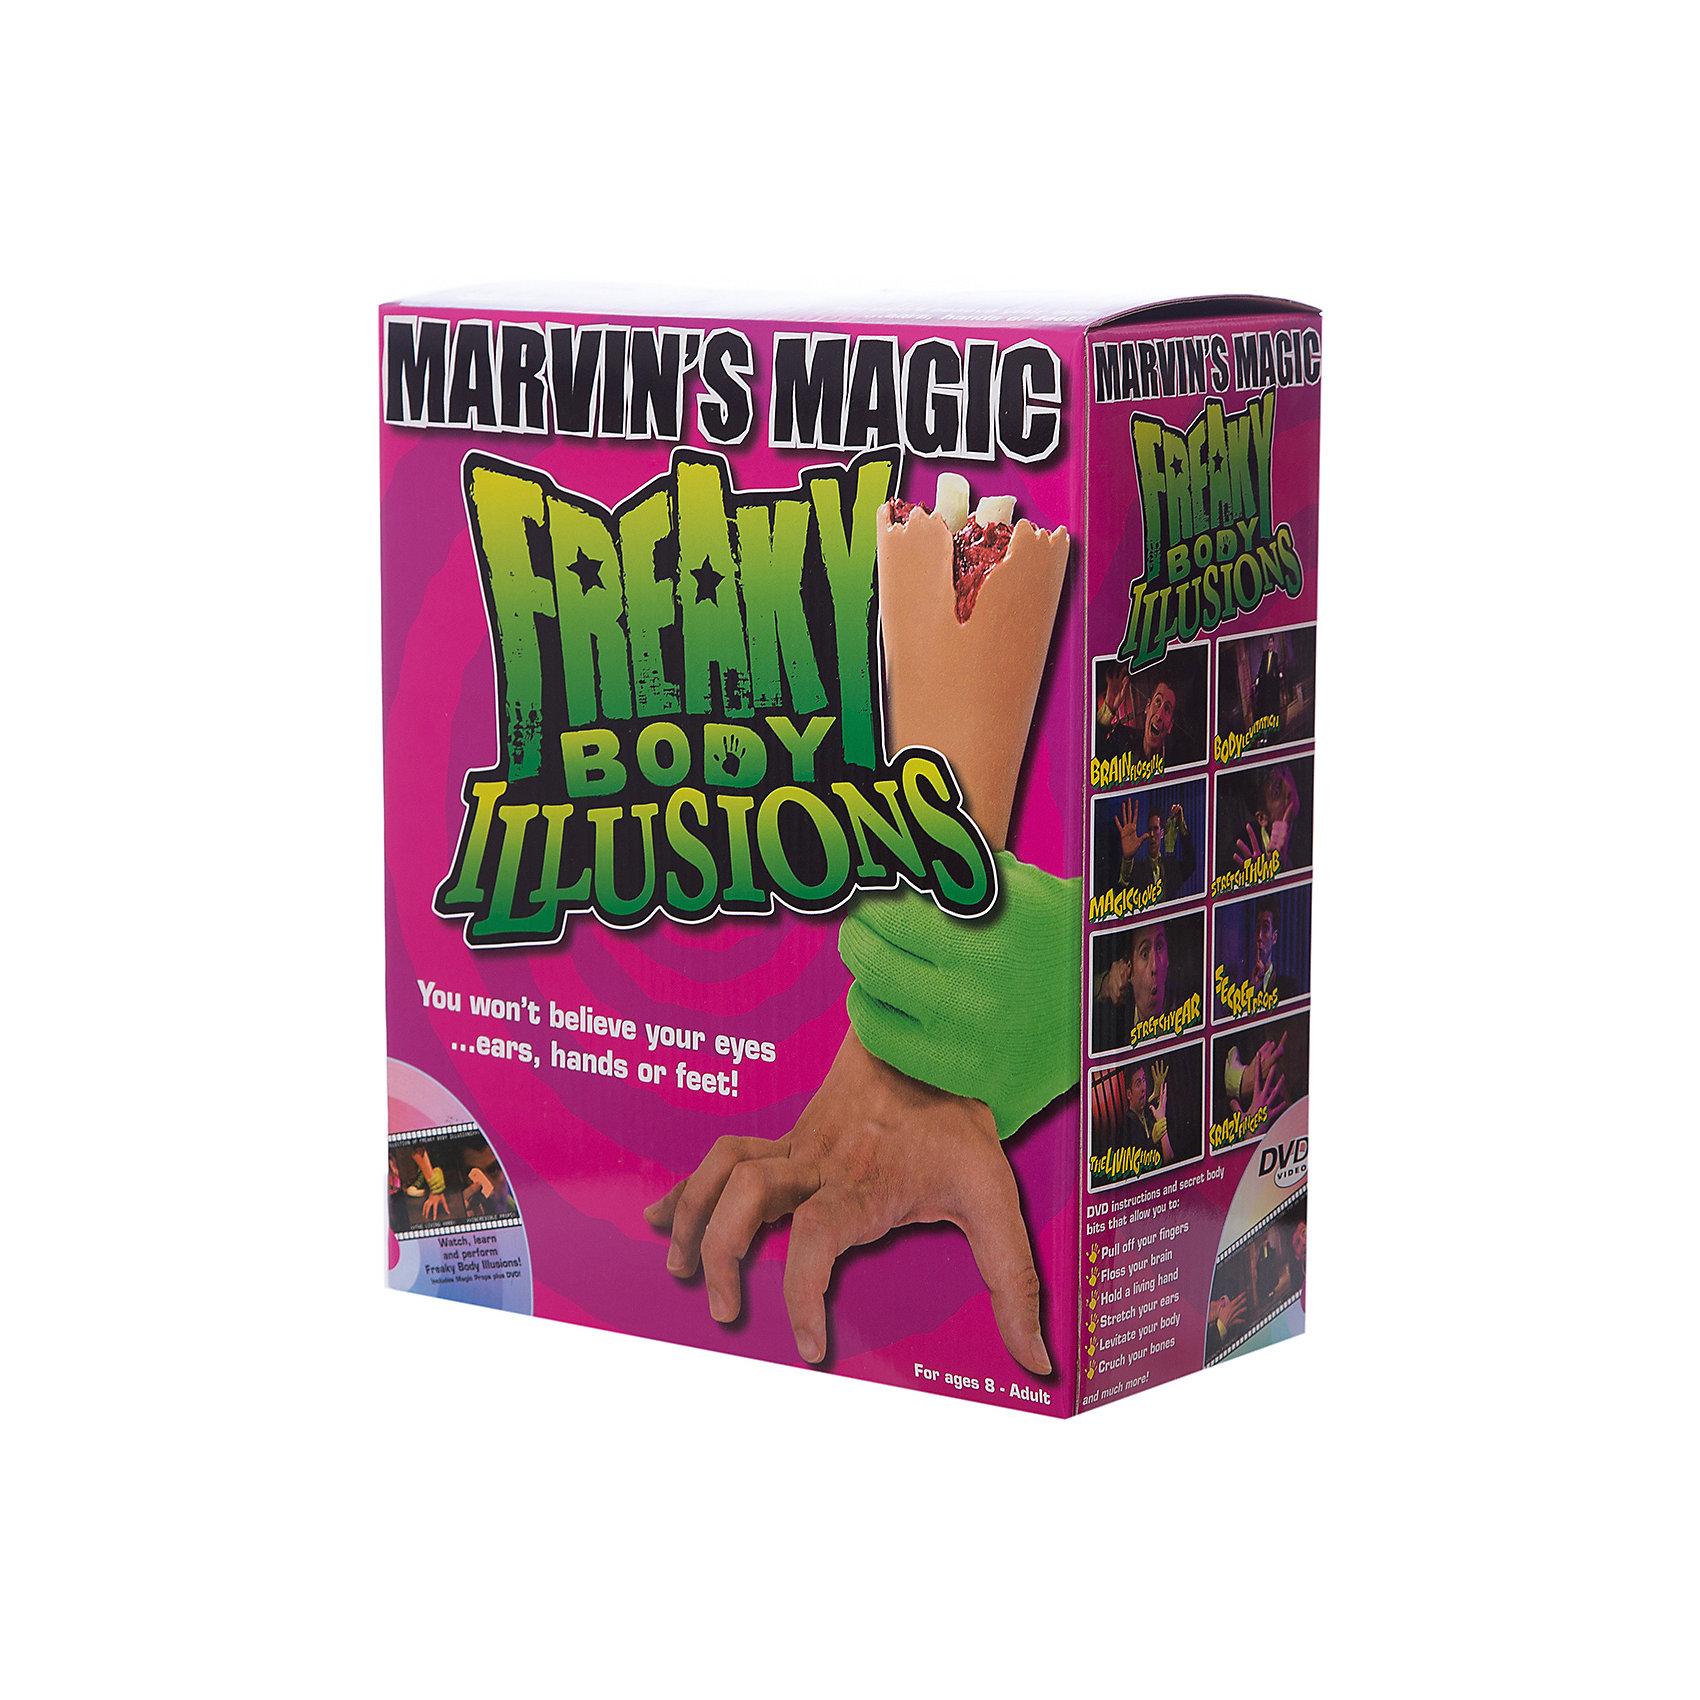 Набор фокусов Смешные ужасы с  рукойФокусы и розыгрыши<br>Набор фокусов Смешные ужасы с рукой.<br><br>Характеристики:<br><br>• Возраст: от 8 лет<br>• В наборе: бутафорская рука, карточки, DVD диск с инструкциями<br>• Материал: пластик<br>• Упаковка: картонная коробка<br><br>Набор Смешные ужасы c рукой позволит маленьким фокусникам проделывать самые невероятные трюки и создавать удивительные иллюзии со своим телом. В набор входит реалистичная бутафорская рука, DVD диск с инструкциями о том, как можно напугать и удивить с помощью этого аксессуара. Набор развивает координацию движений, артистизм, навыки общения и выступления на публике.<br><br>Набор фокусов Смешные ужасы с рукой можно купить в нашем интернет-магазине.<br><br>Ширина мм: 250<br>Глубина мм: 100<br>Высота мм: 29<br>Вес г: 900<br>Возраст от месяцев: 96<br>Возраст до месяцев: 2147483647<br>Пол: Унисекс<br>Возраст: Детский<br>SKU: 5482547